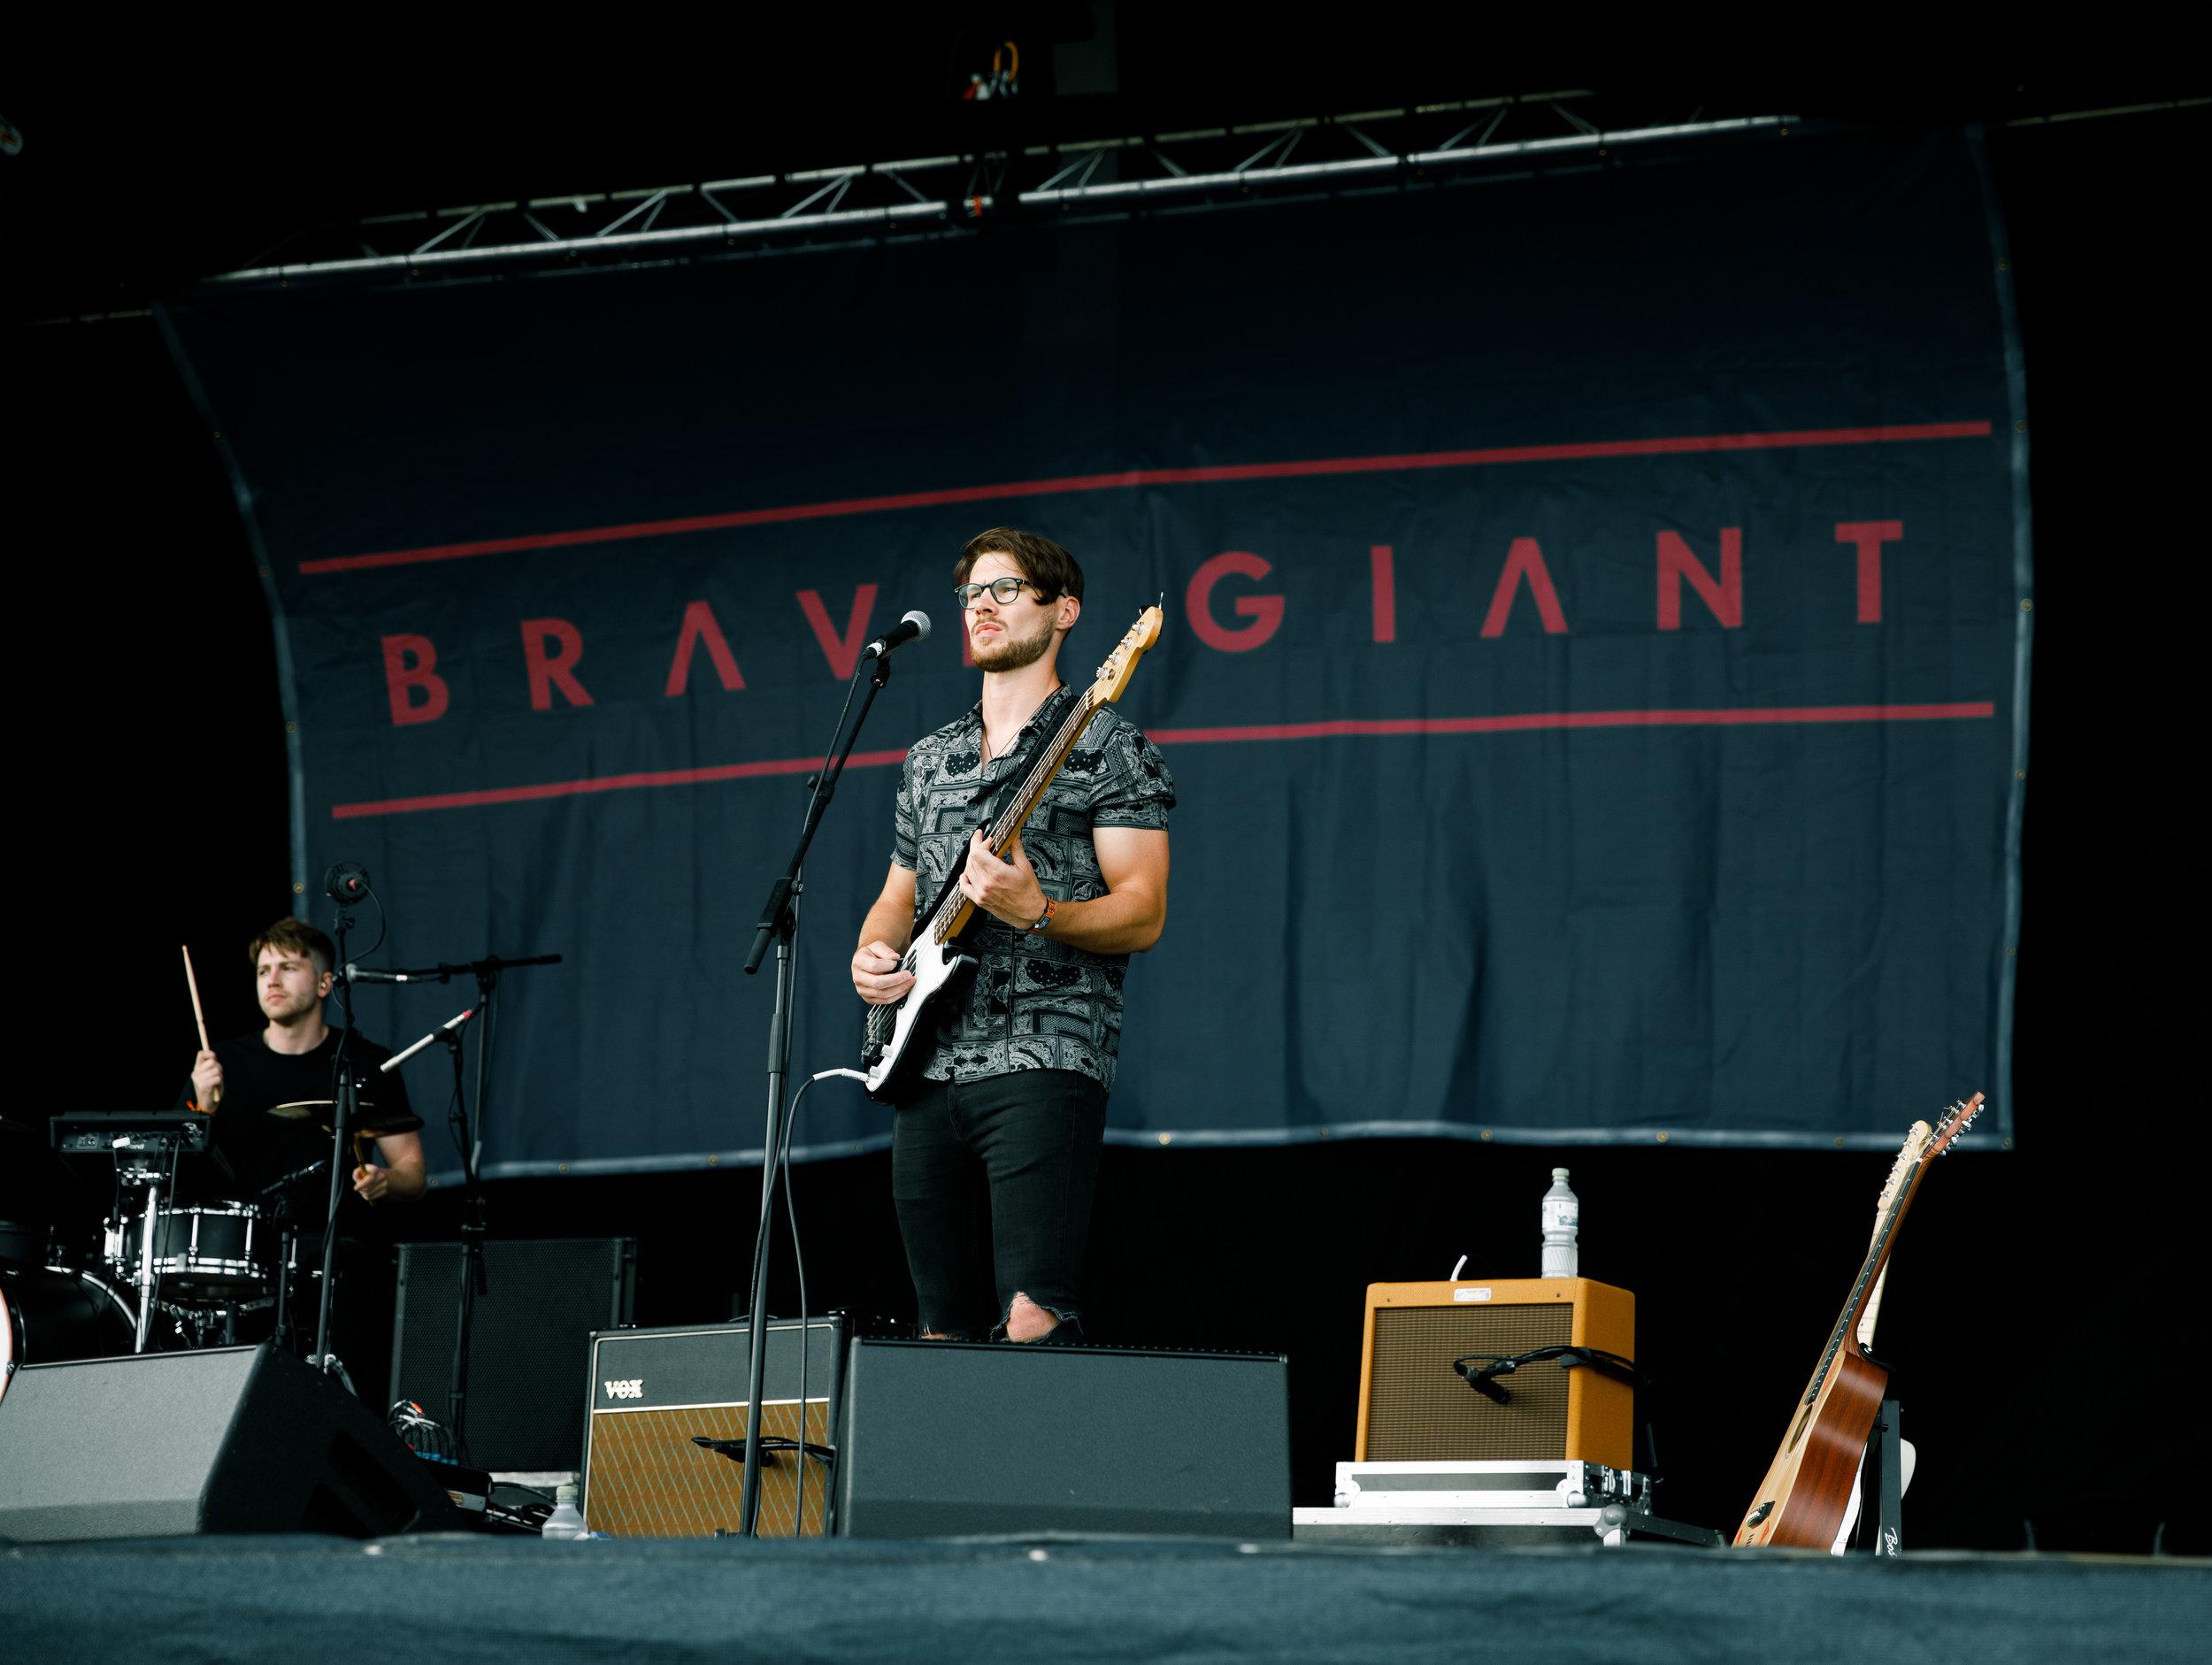 Brave Giant - Indie 19 - Friday - Ray Keogh-3.jpg